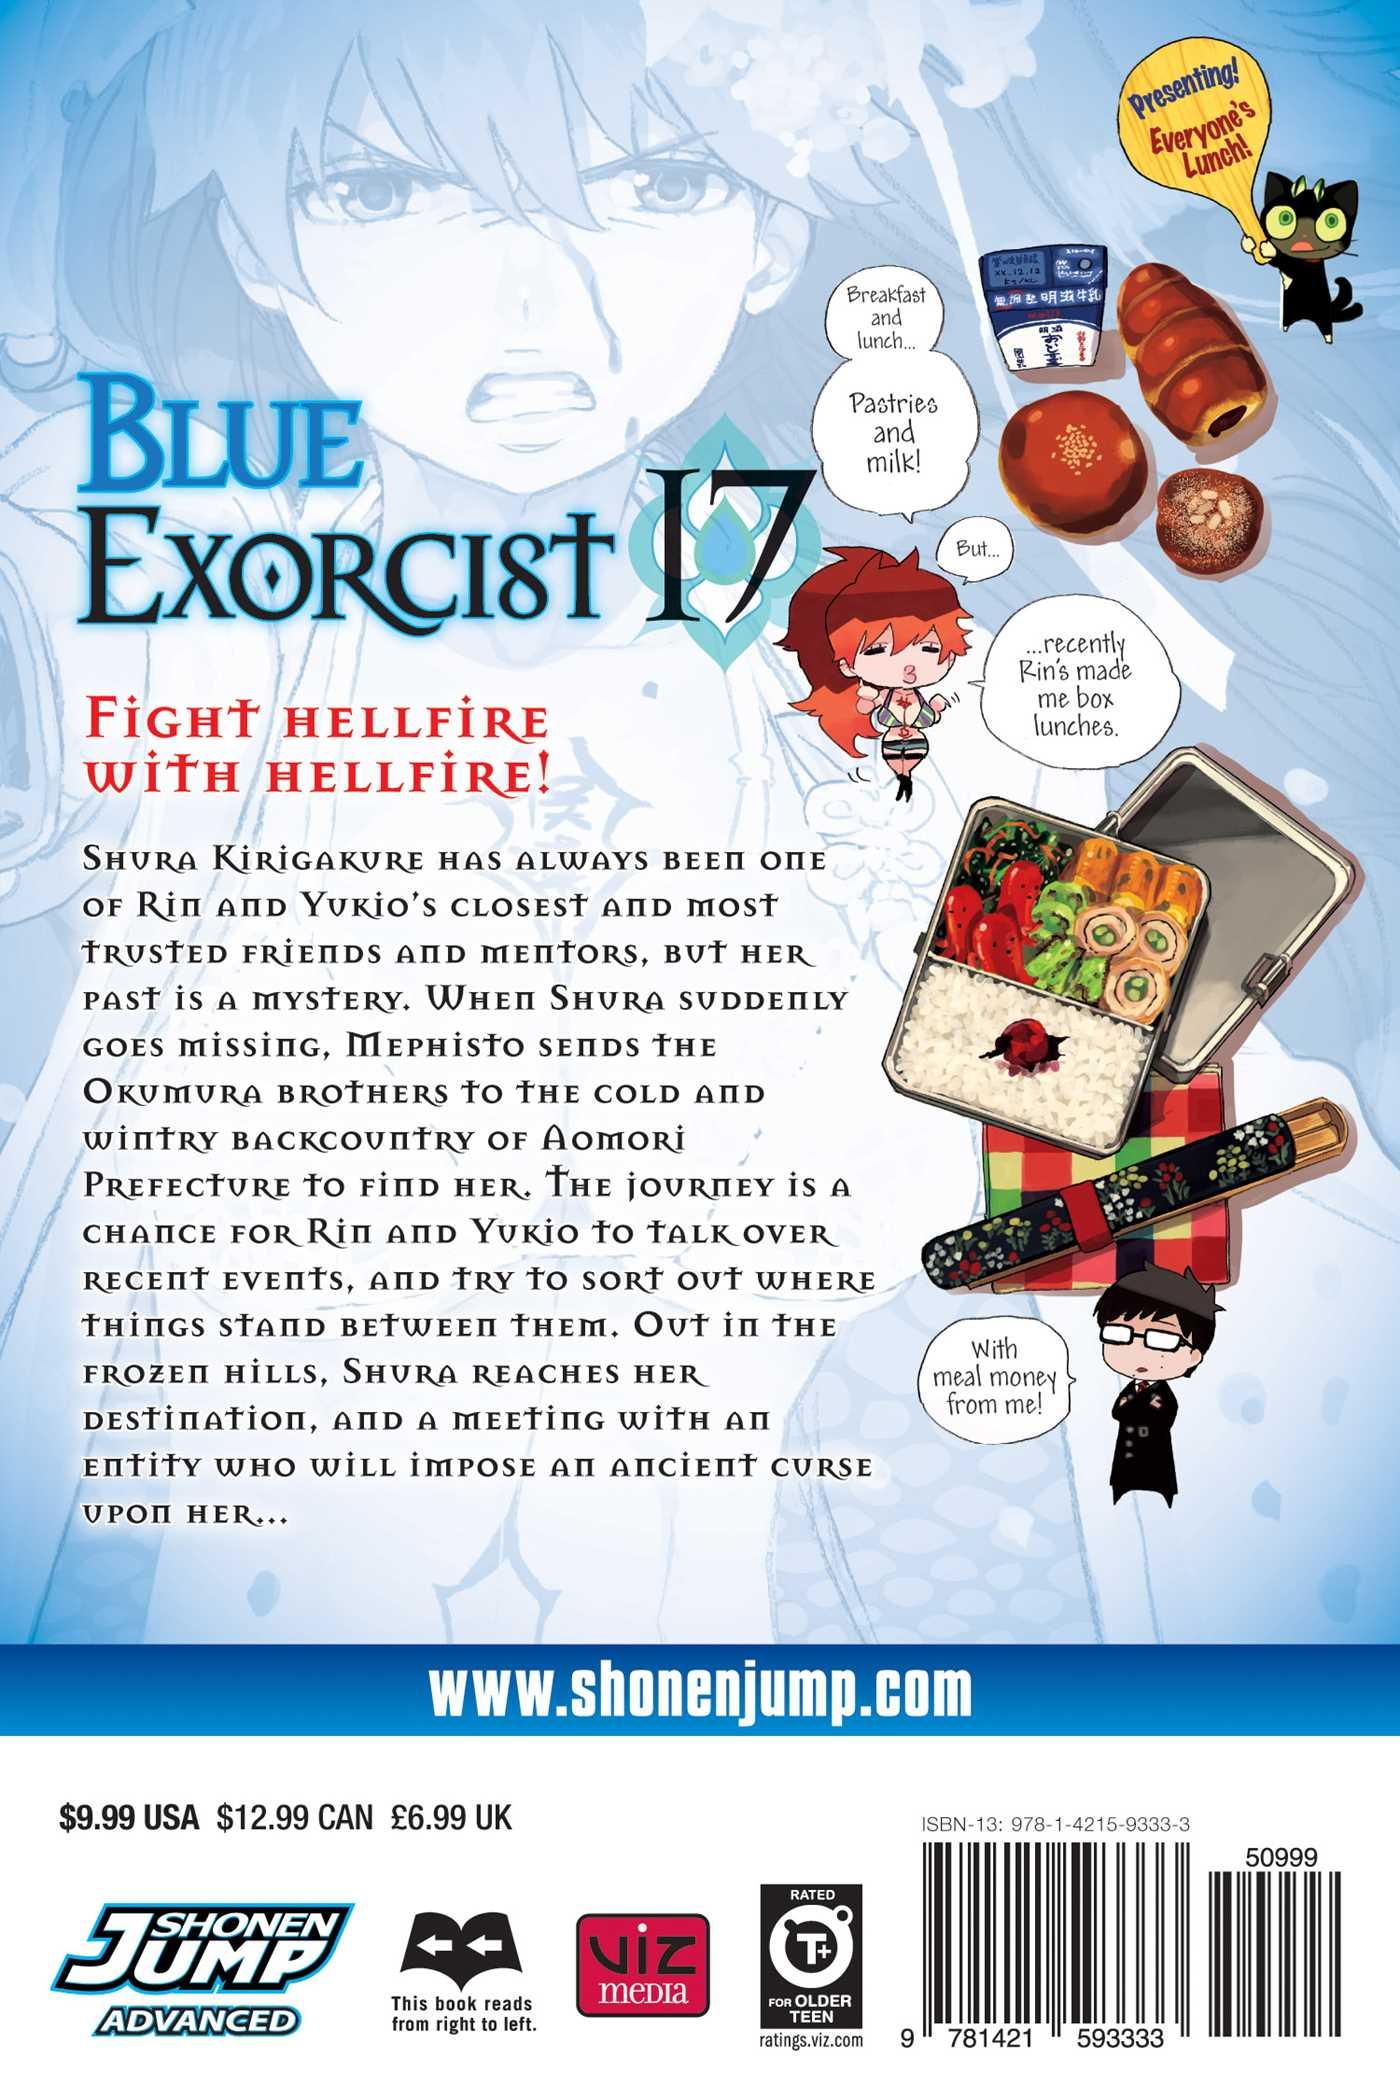 Blue Exorcist Manga Volume 17